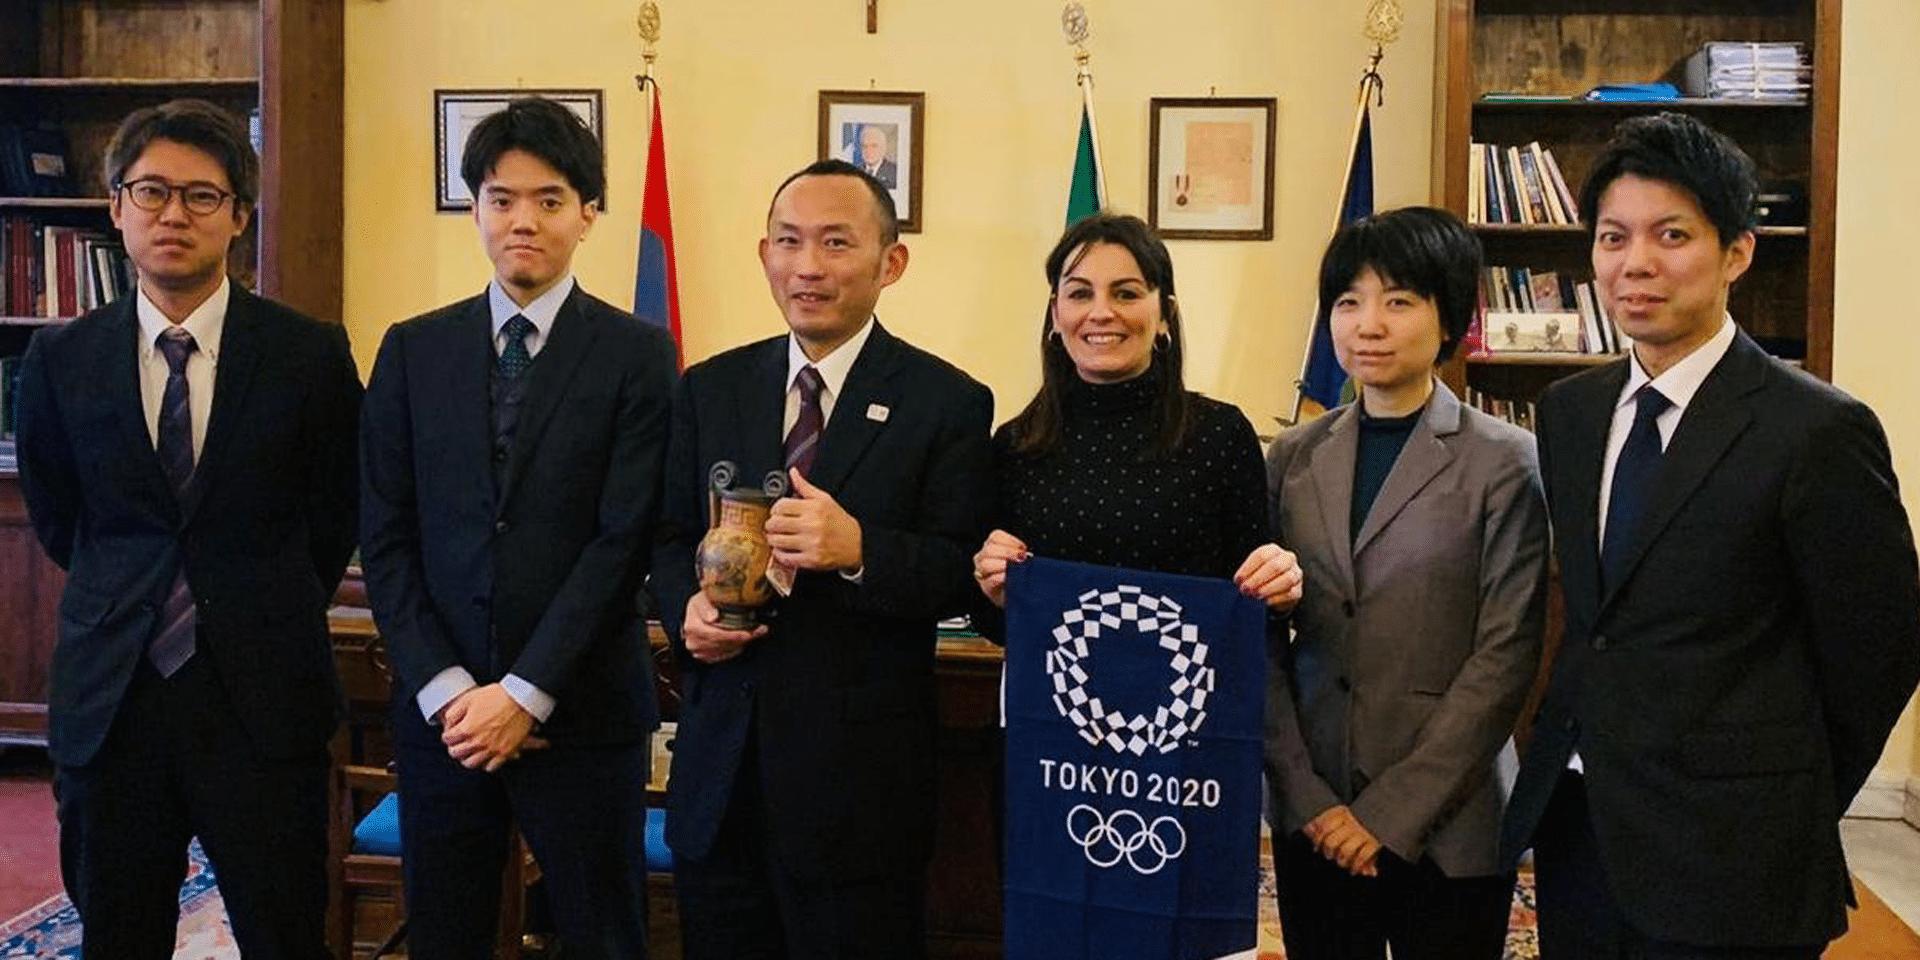 Delegazione Giapponese a Tarquinia